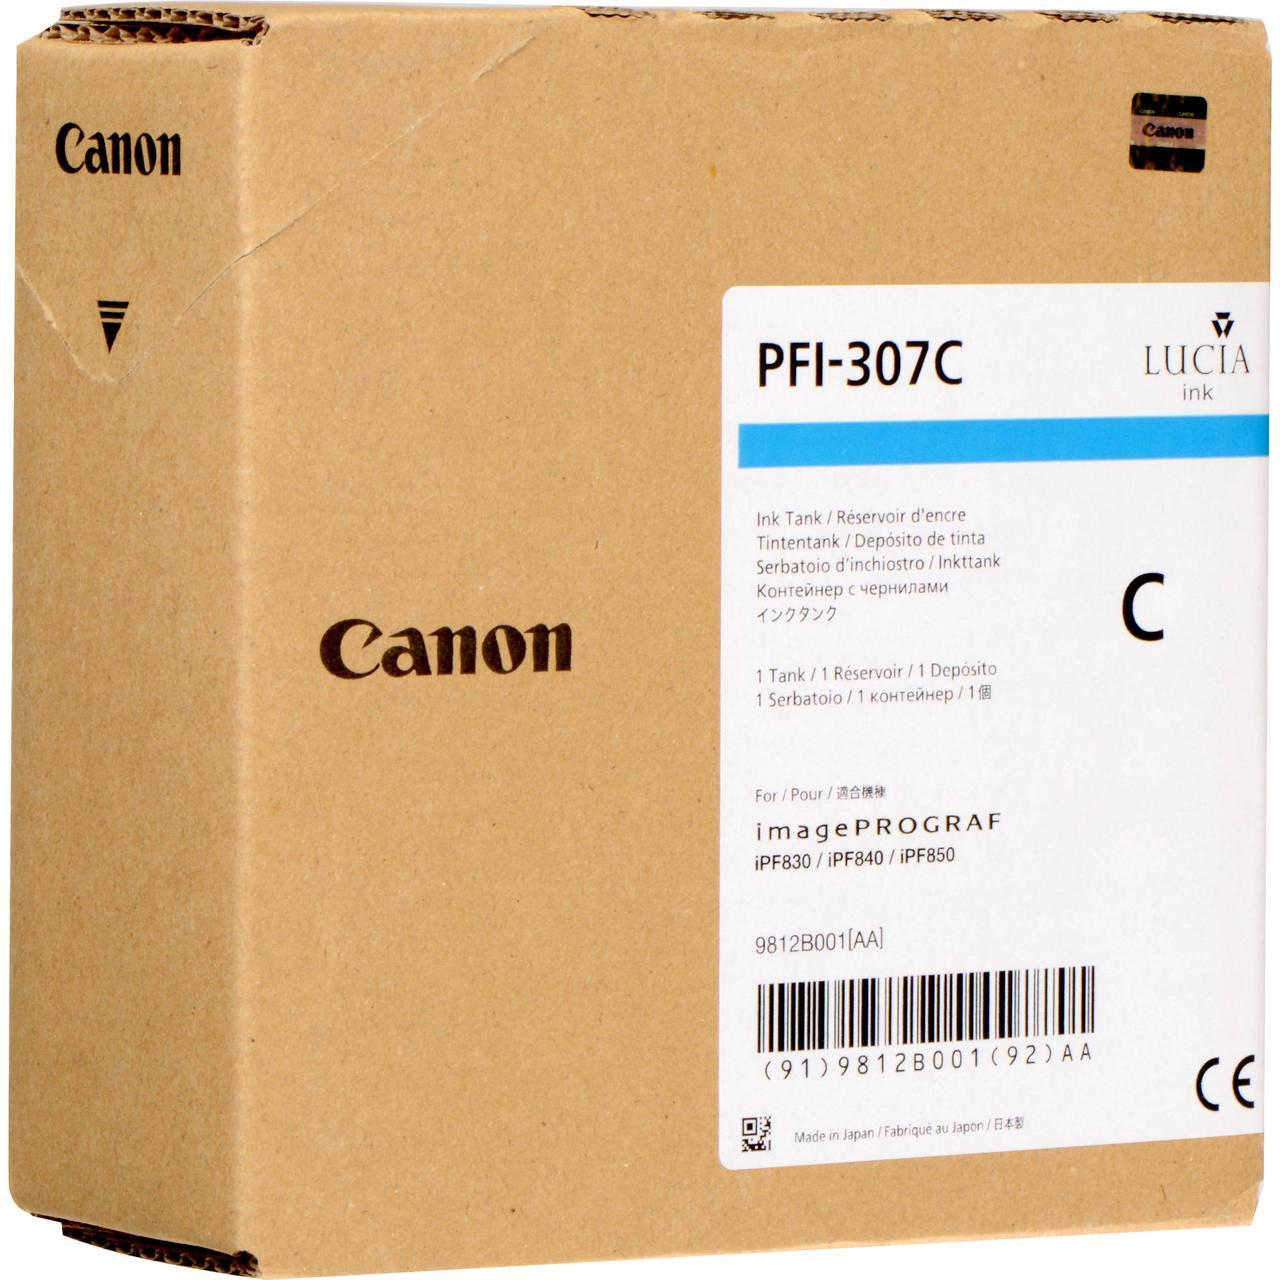 Картридж Canon PFI-307C для iPF830/840/850, Cyan, 330 мл